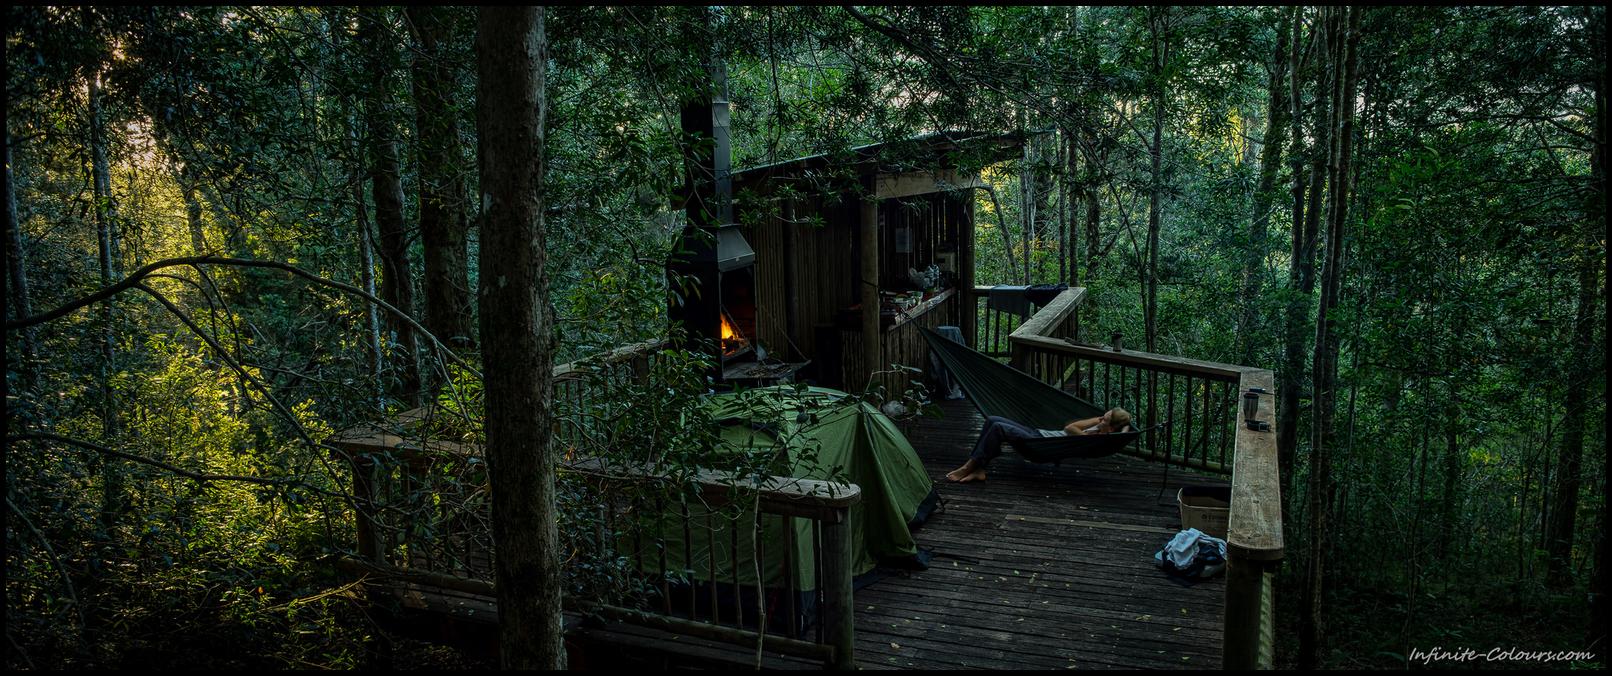 Diepwalle Forest Station Camping Decks